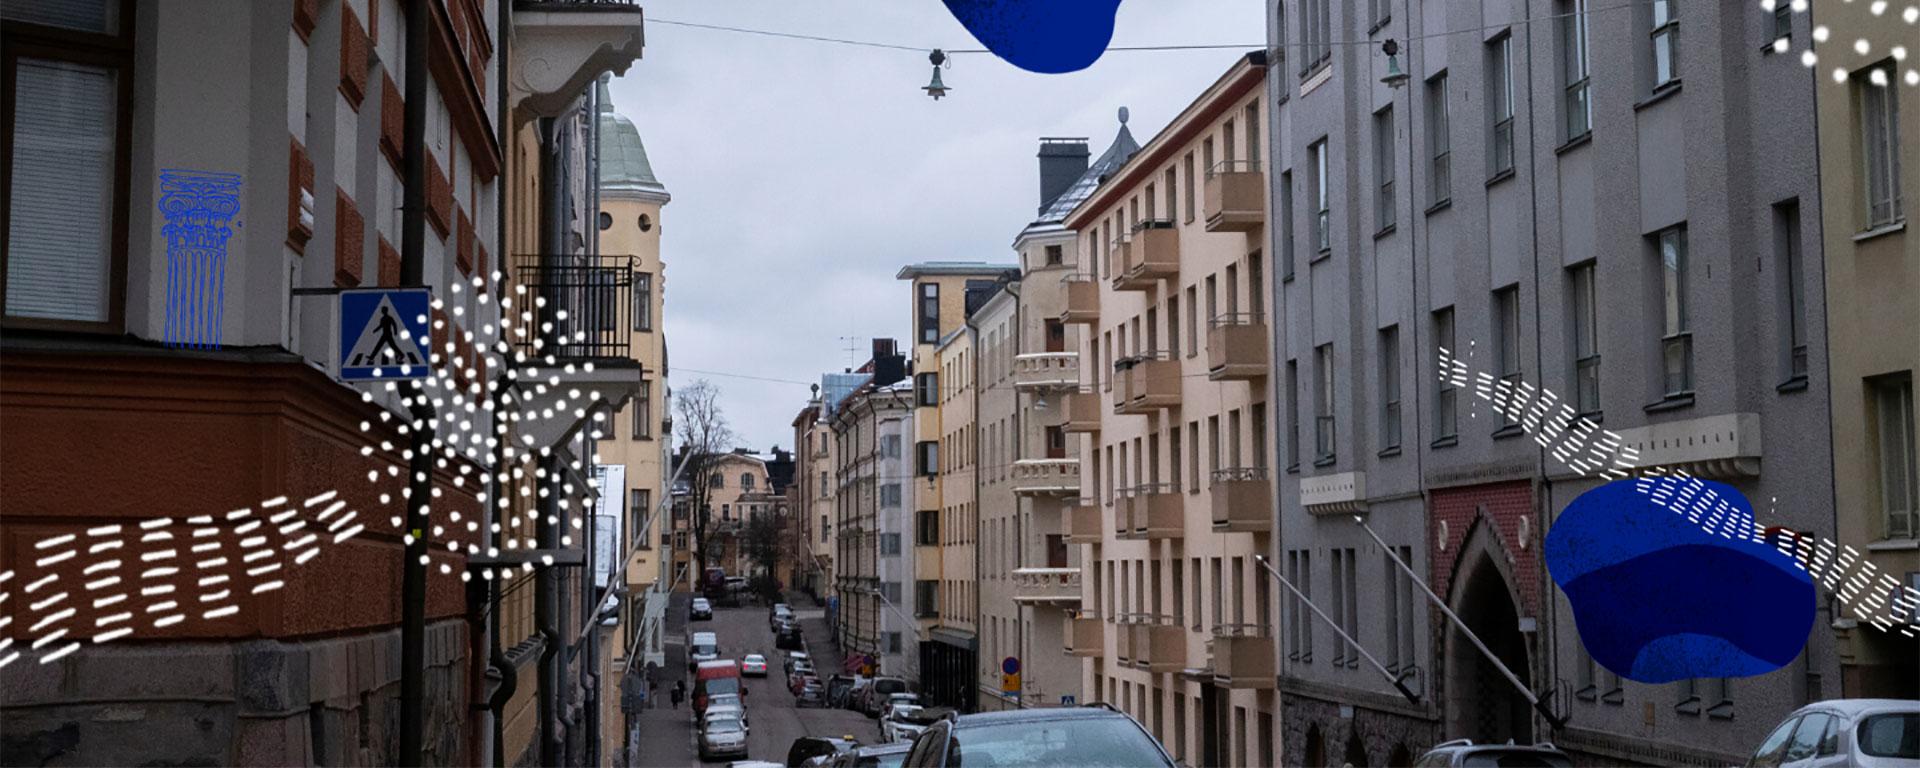 Tieteiden Yo 2020 Tapahtuma Helsingin Kaupunki